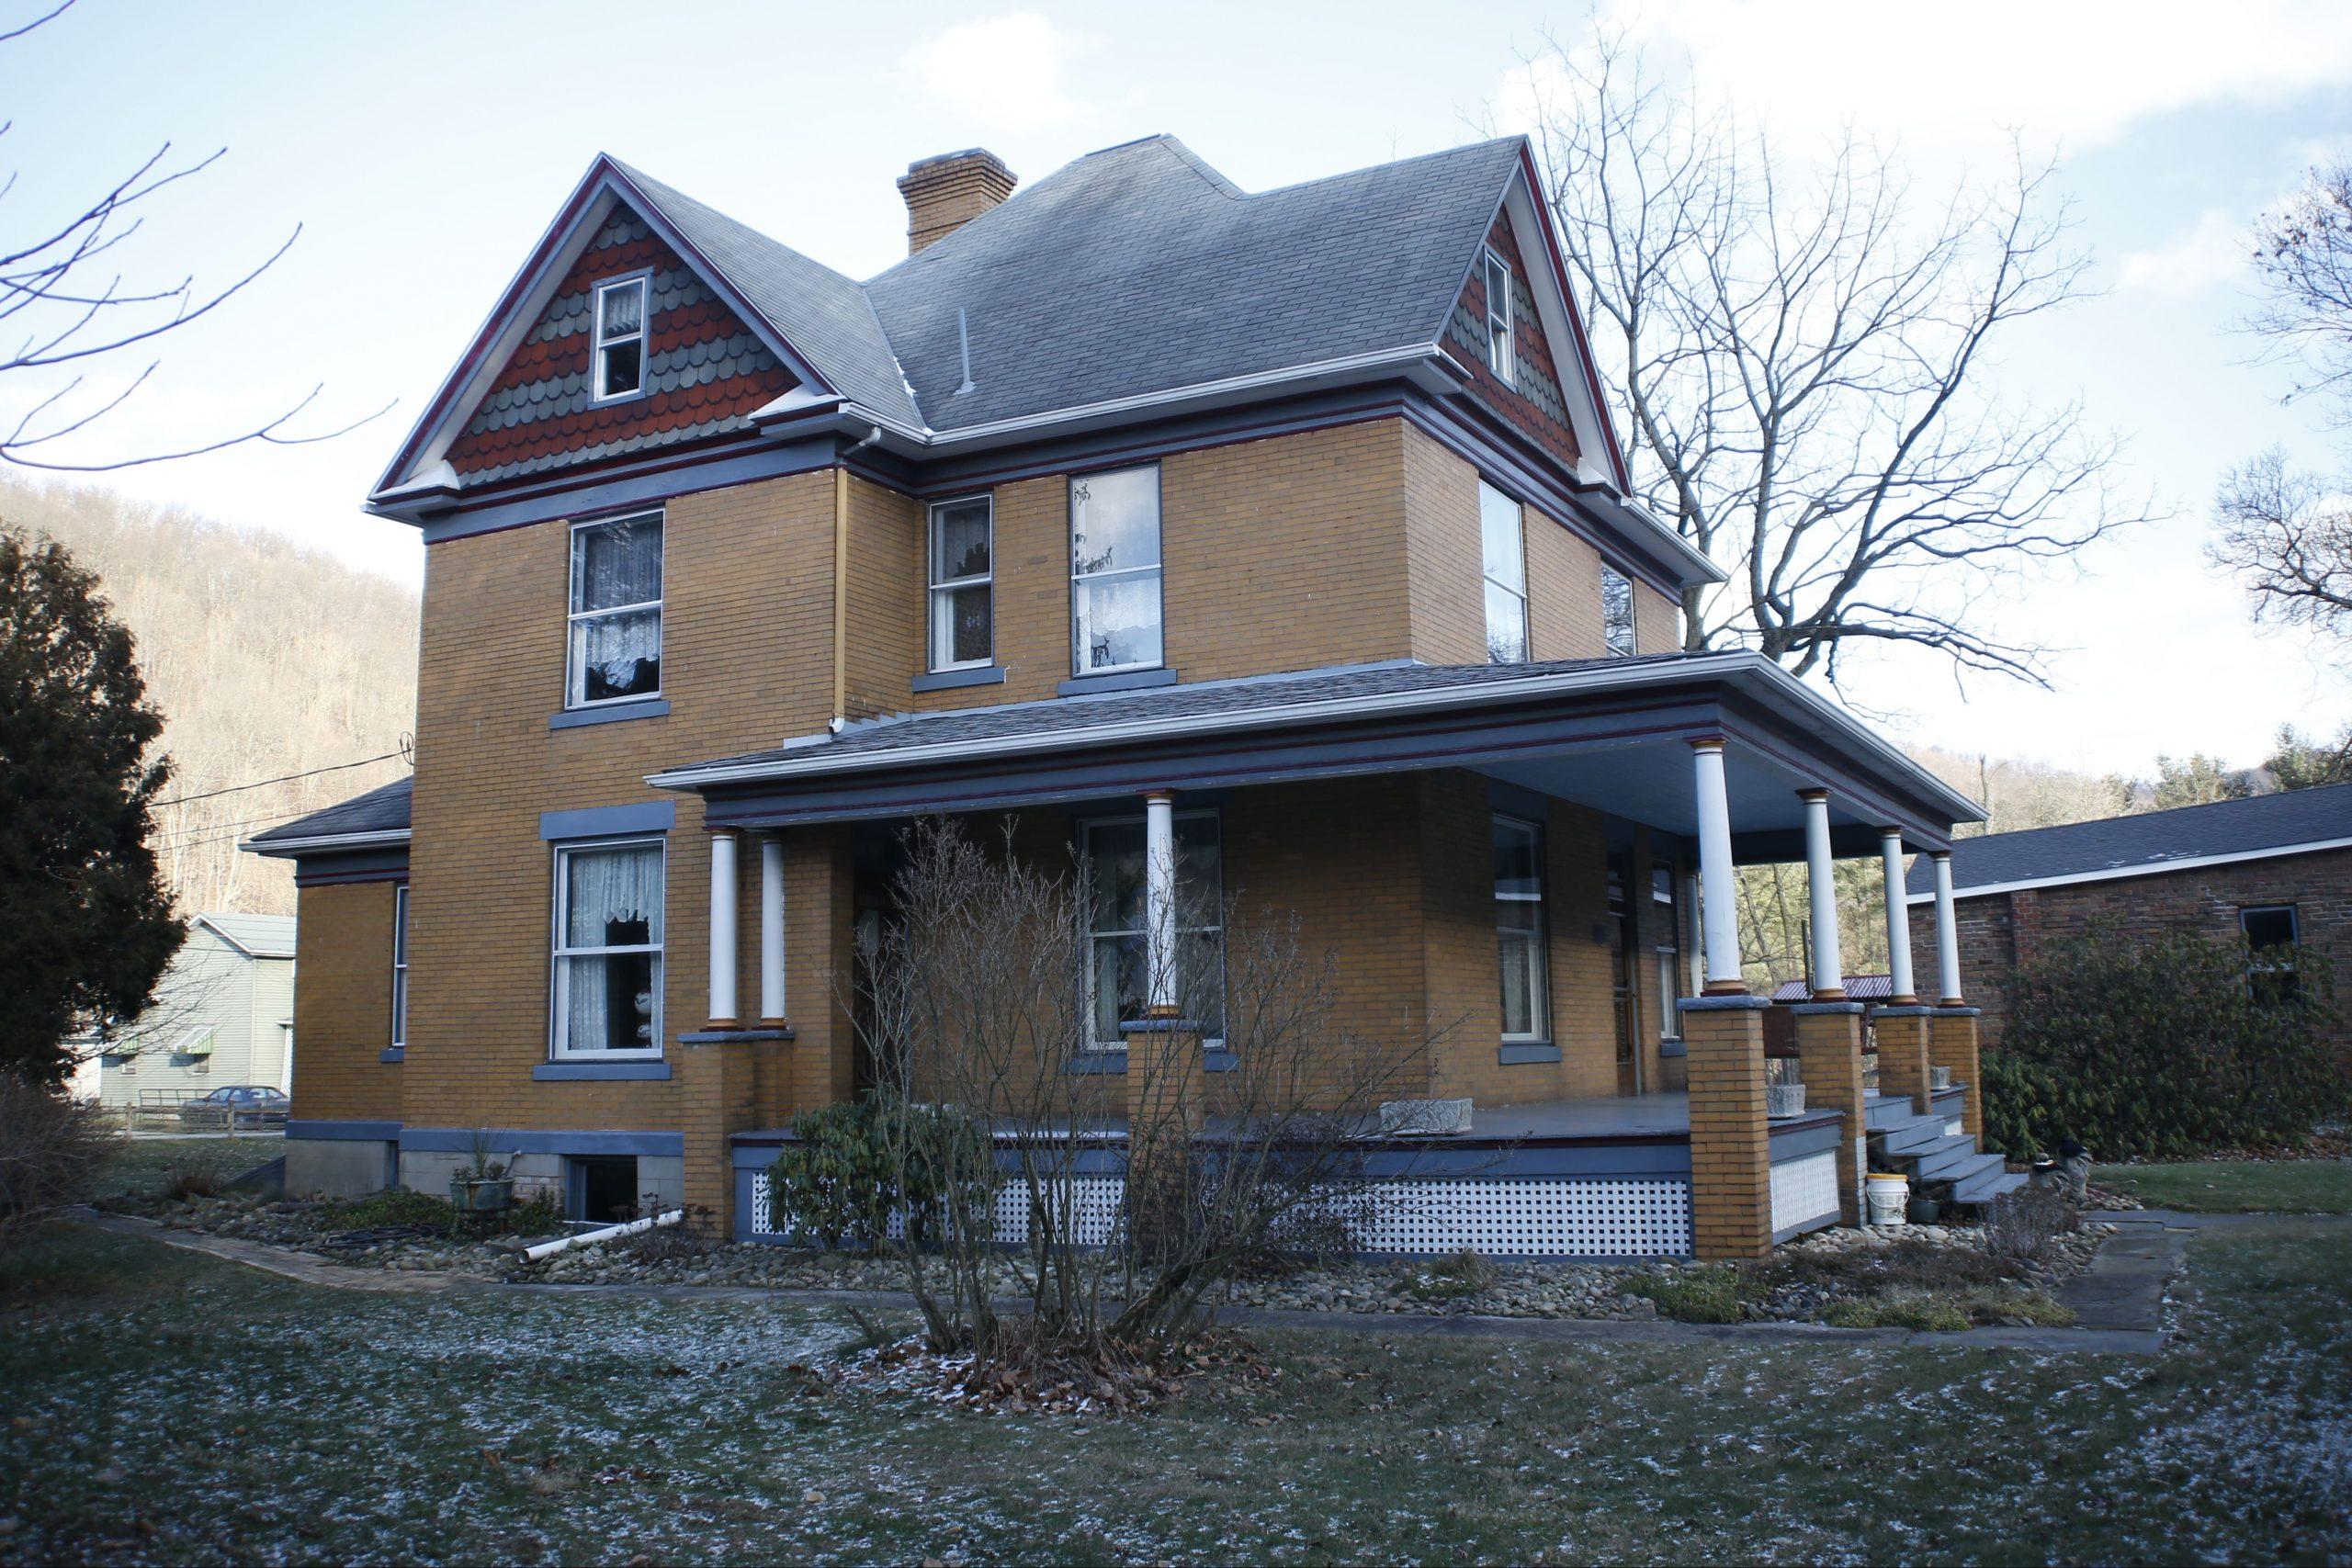 Casa do filme O Silêncio dos Inocentes, colocada à venda na Pensilvânia